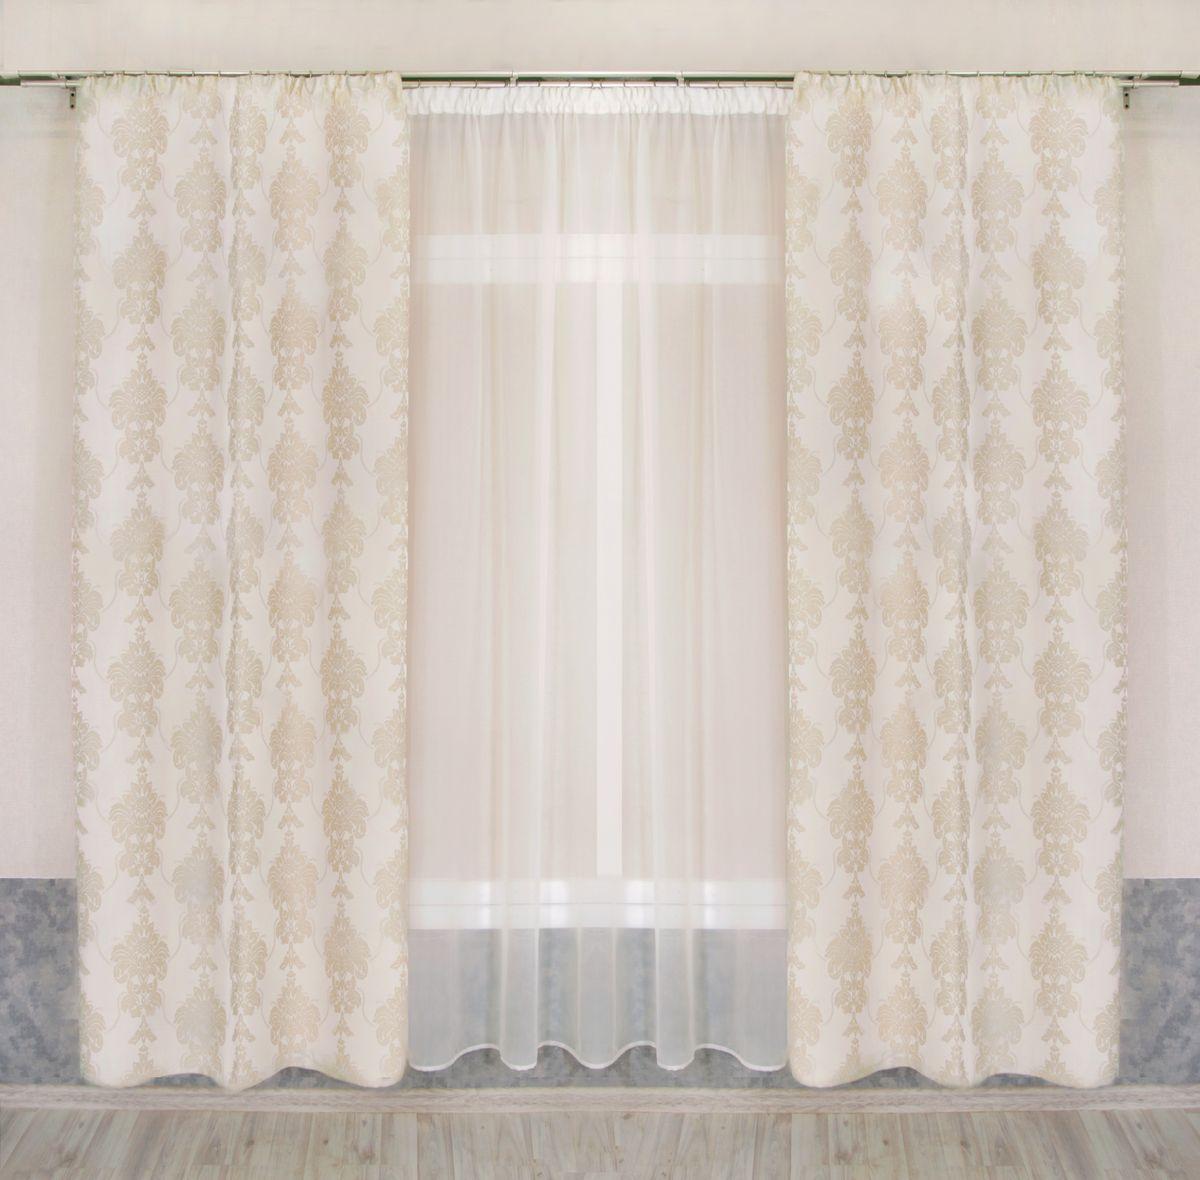 Комплект штор Zlata Korunka, на ленте, цвет: кремовый, высота 250 см. 777109 комплект штор zlata korunka на ленте цвет кремовый высота 250 см 777109